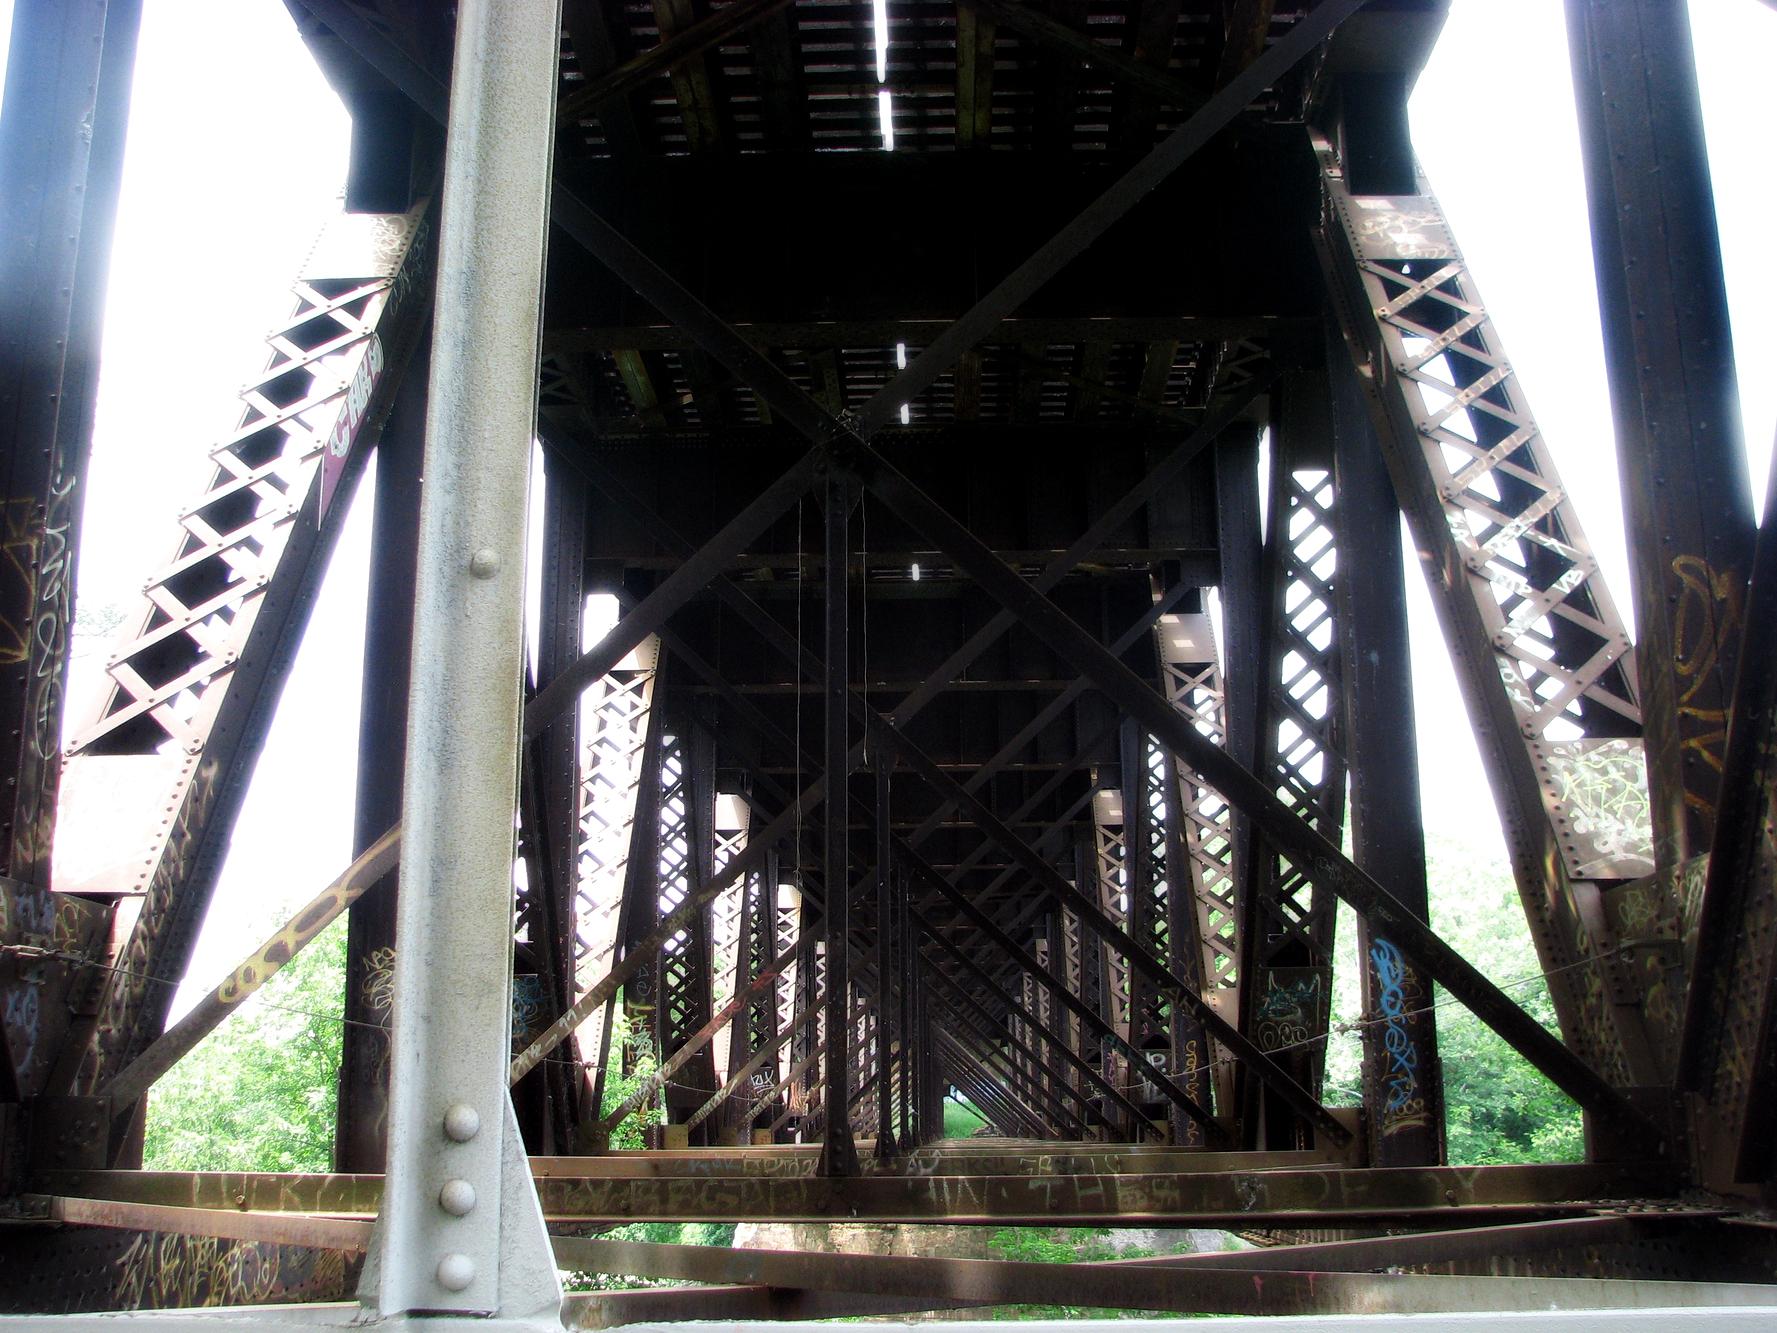 Train Bridge - London Ontario